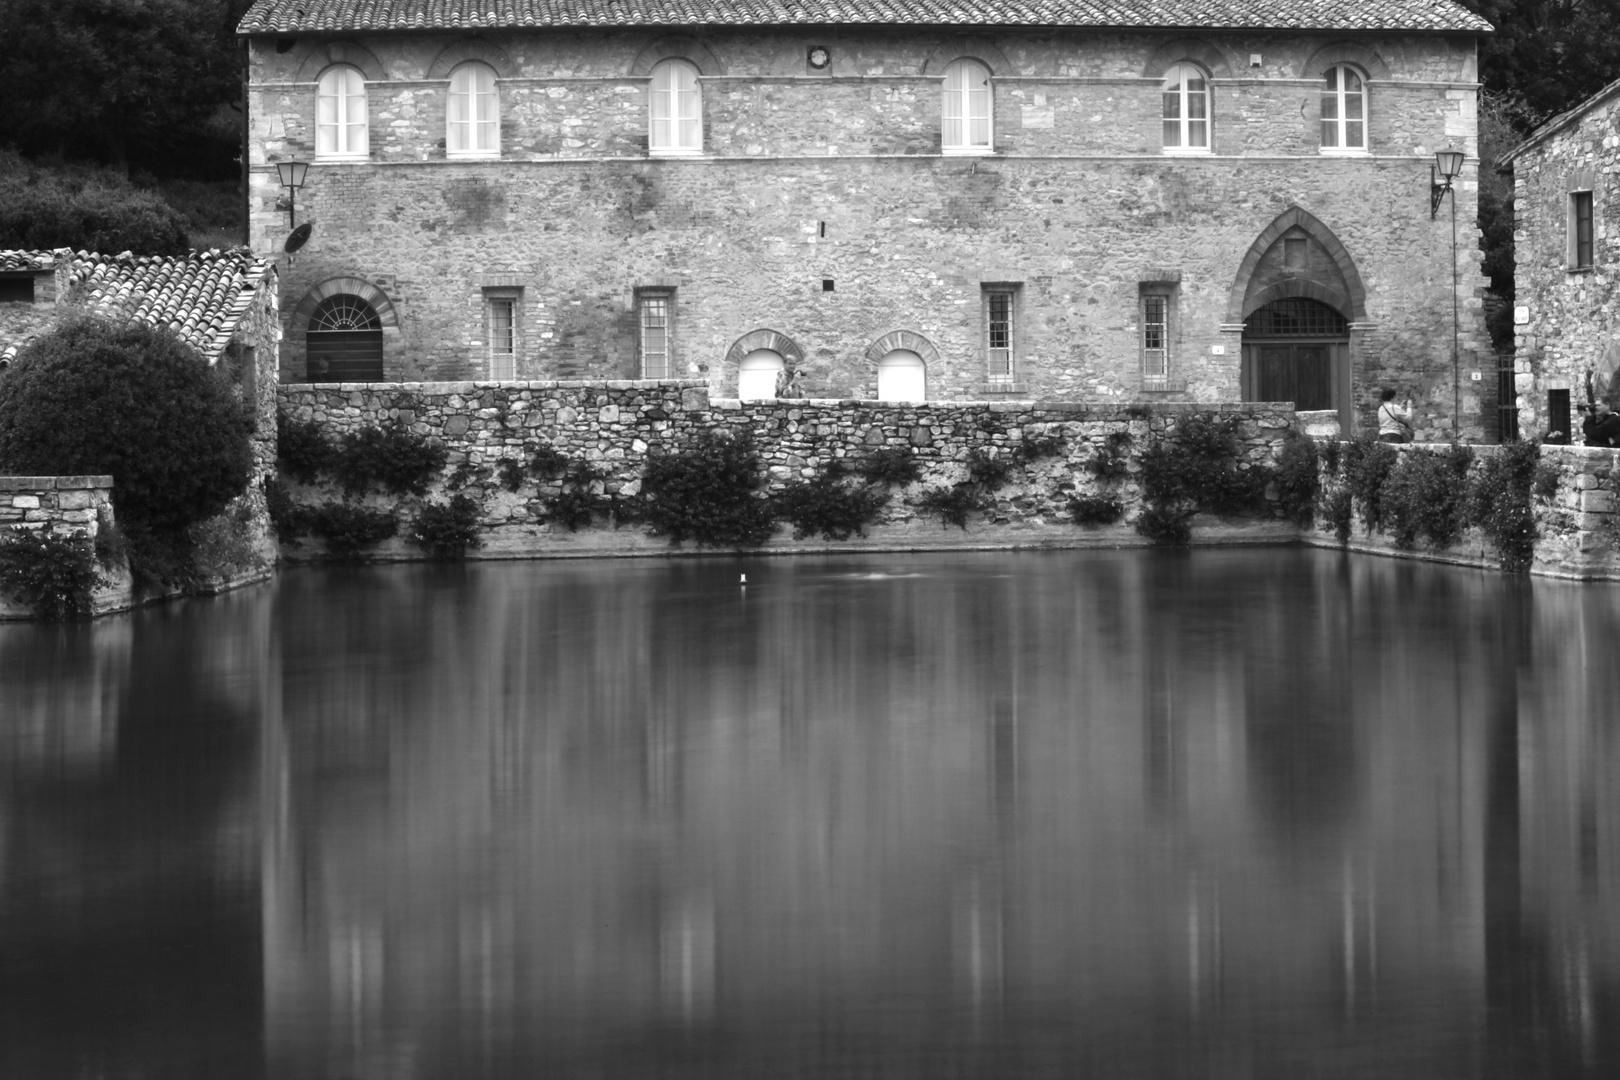 Bagno Vignoni - San Quirico d'Orcia